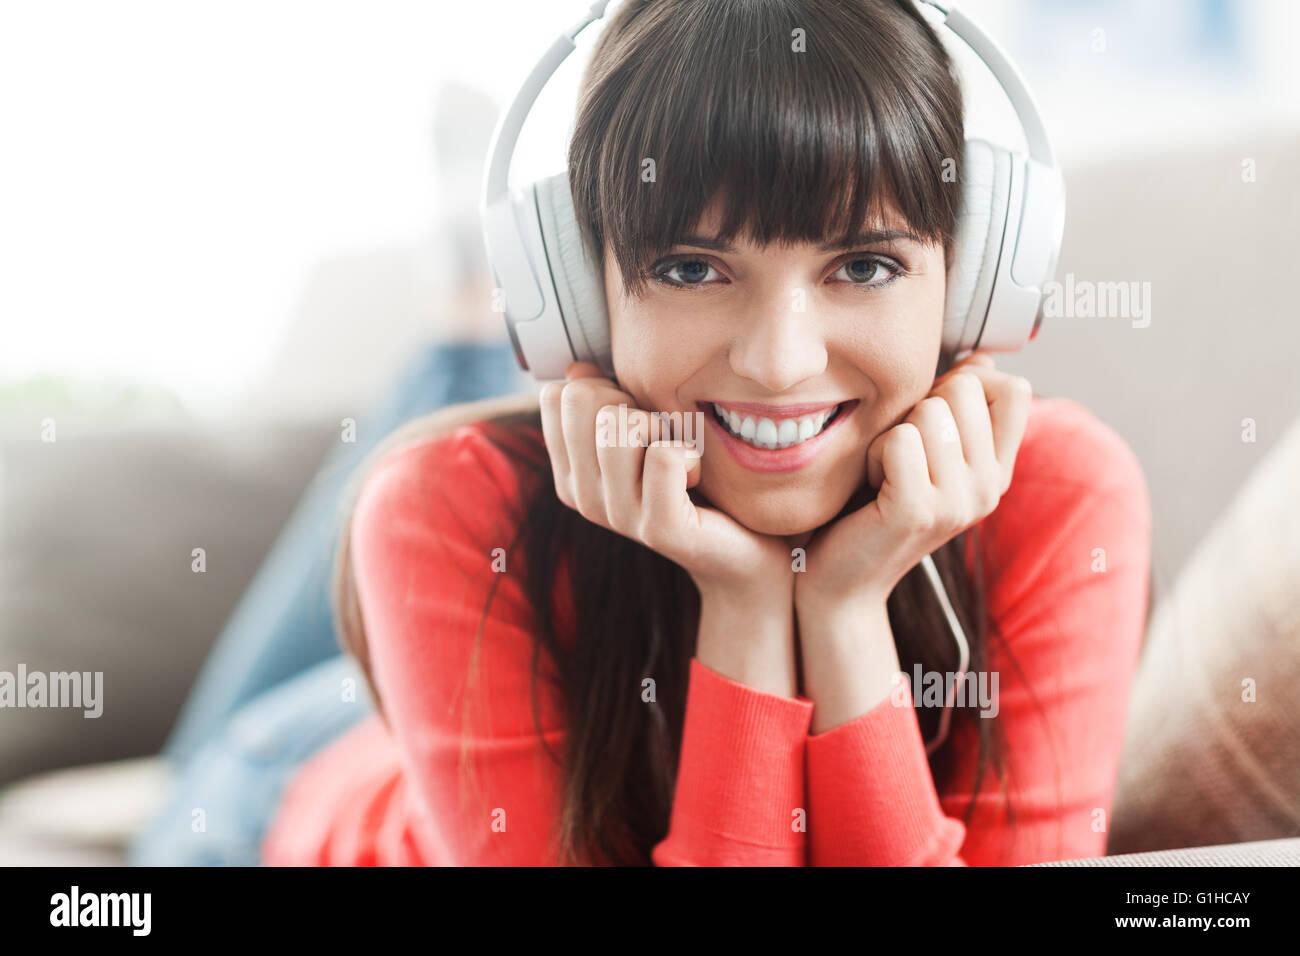 Junge lächelnde Frau entspannen und Musikhören mit Kopfhörer Stockbild